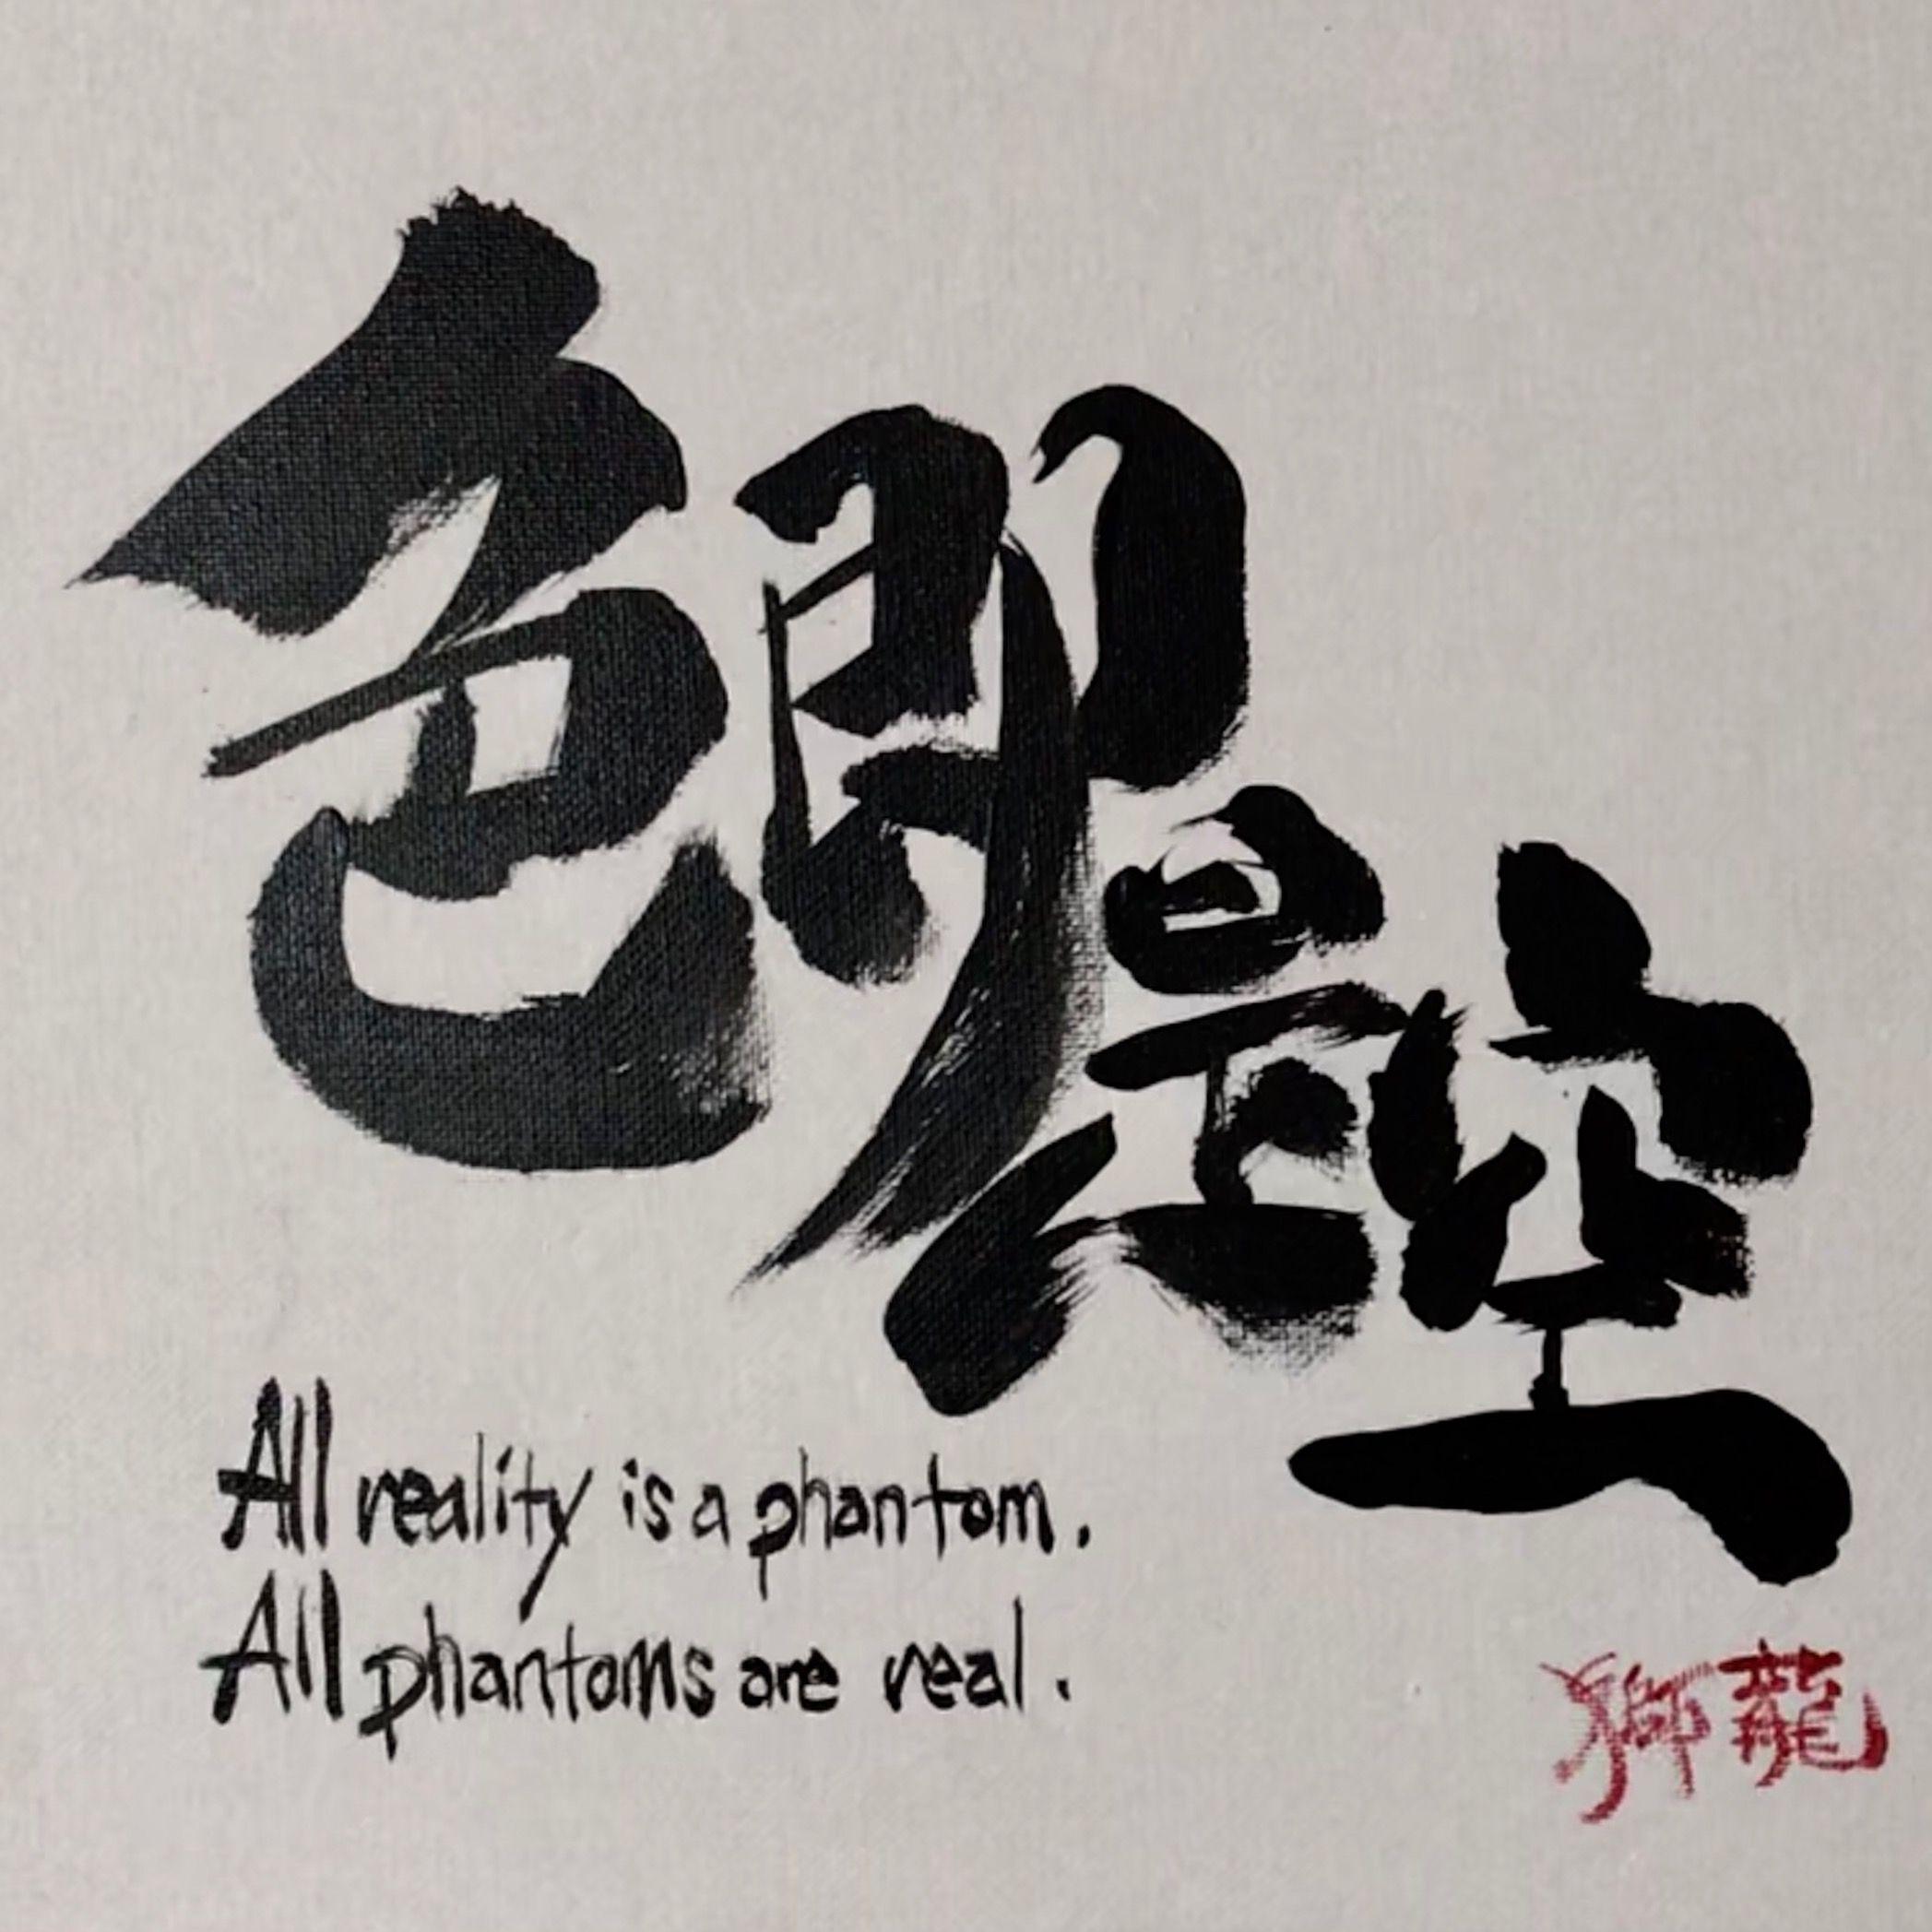 色即是空 All Reality Is A Phantom Phantoms Are Real Dragonikka Anese